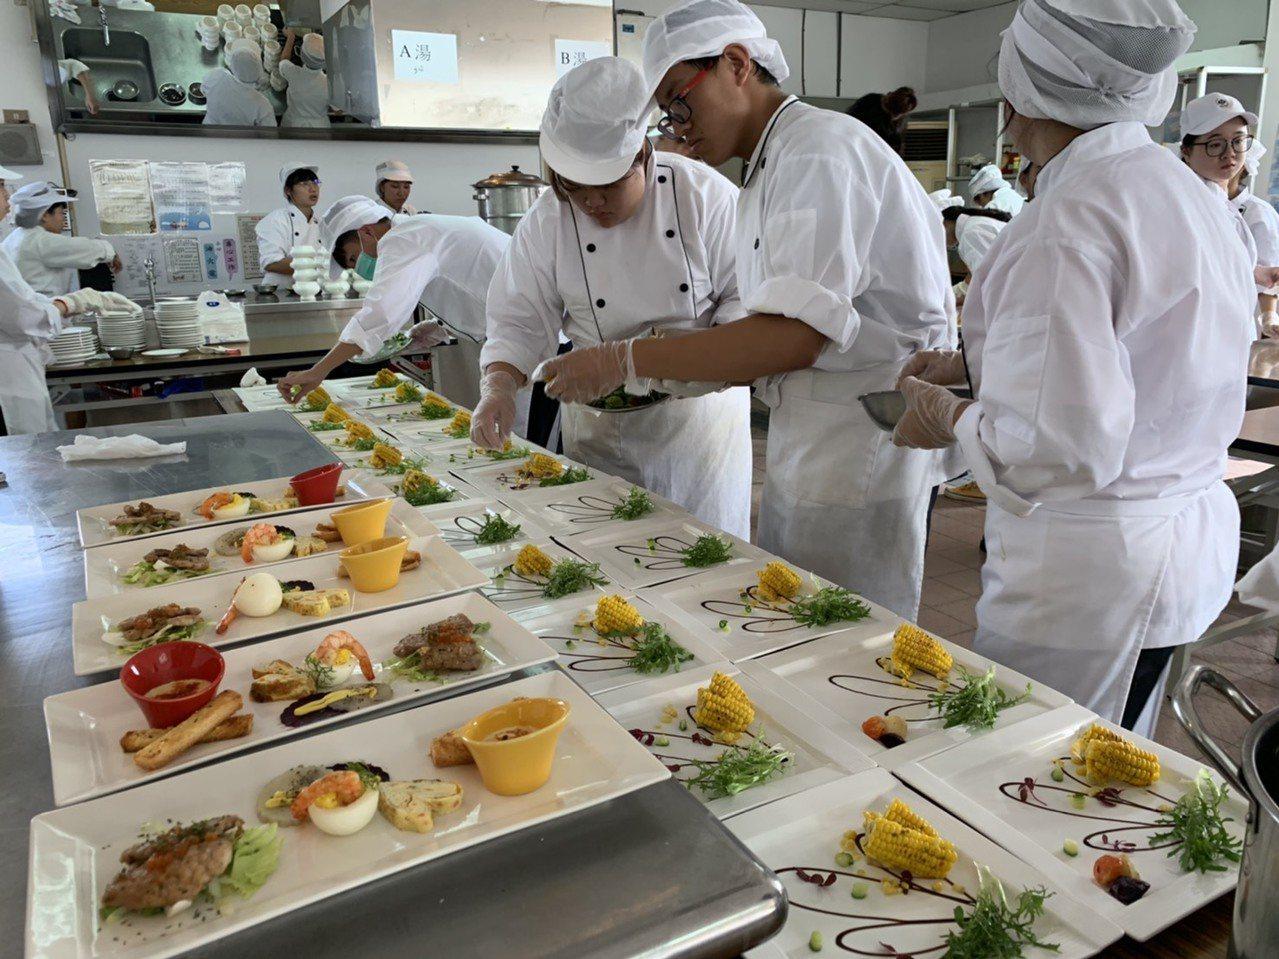 國立曾文家商餐飲科和綜合科餐營學程學生合力舉辦畢業品嘗會。記者吳淑玲/攝影